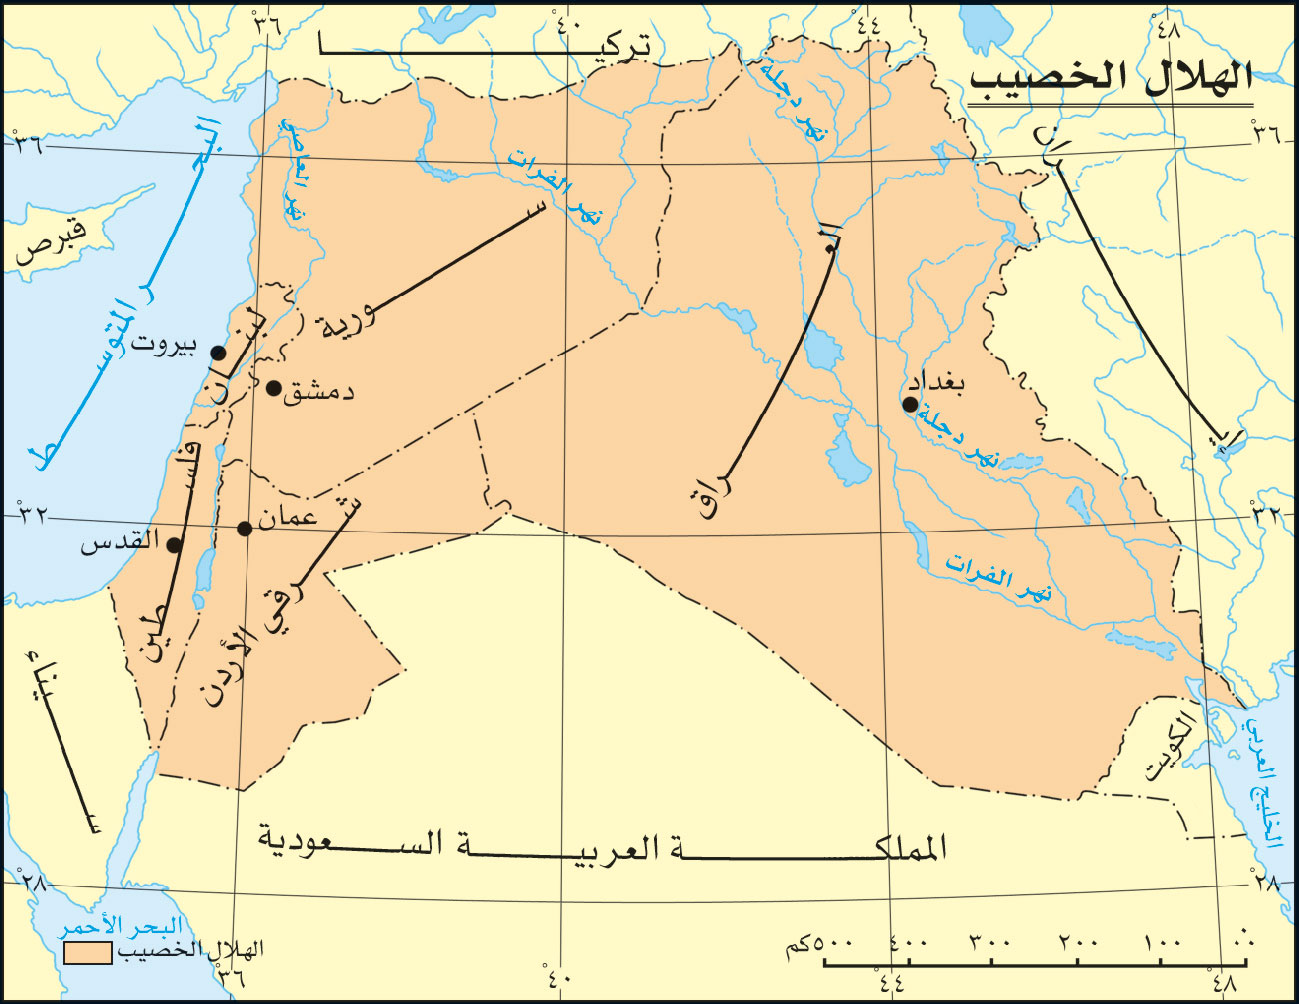 د عامر الحموي بلاد الشام والعراق والاطماع الاستعمارية في العصر